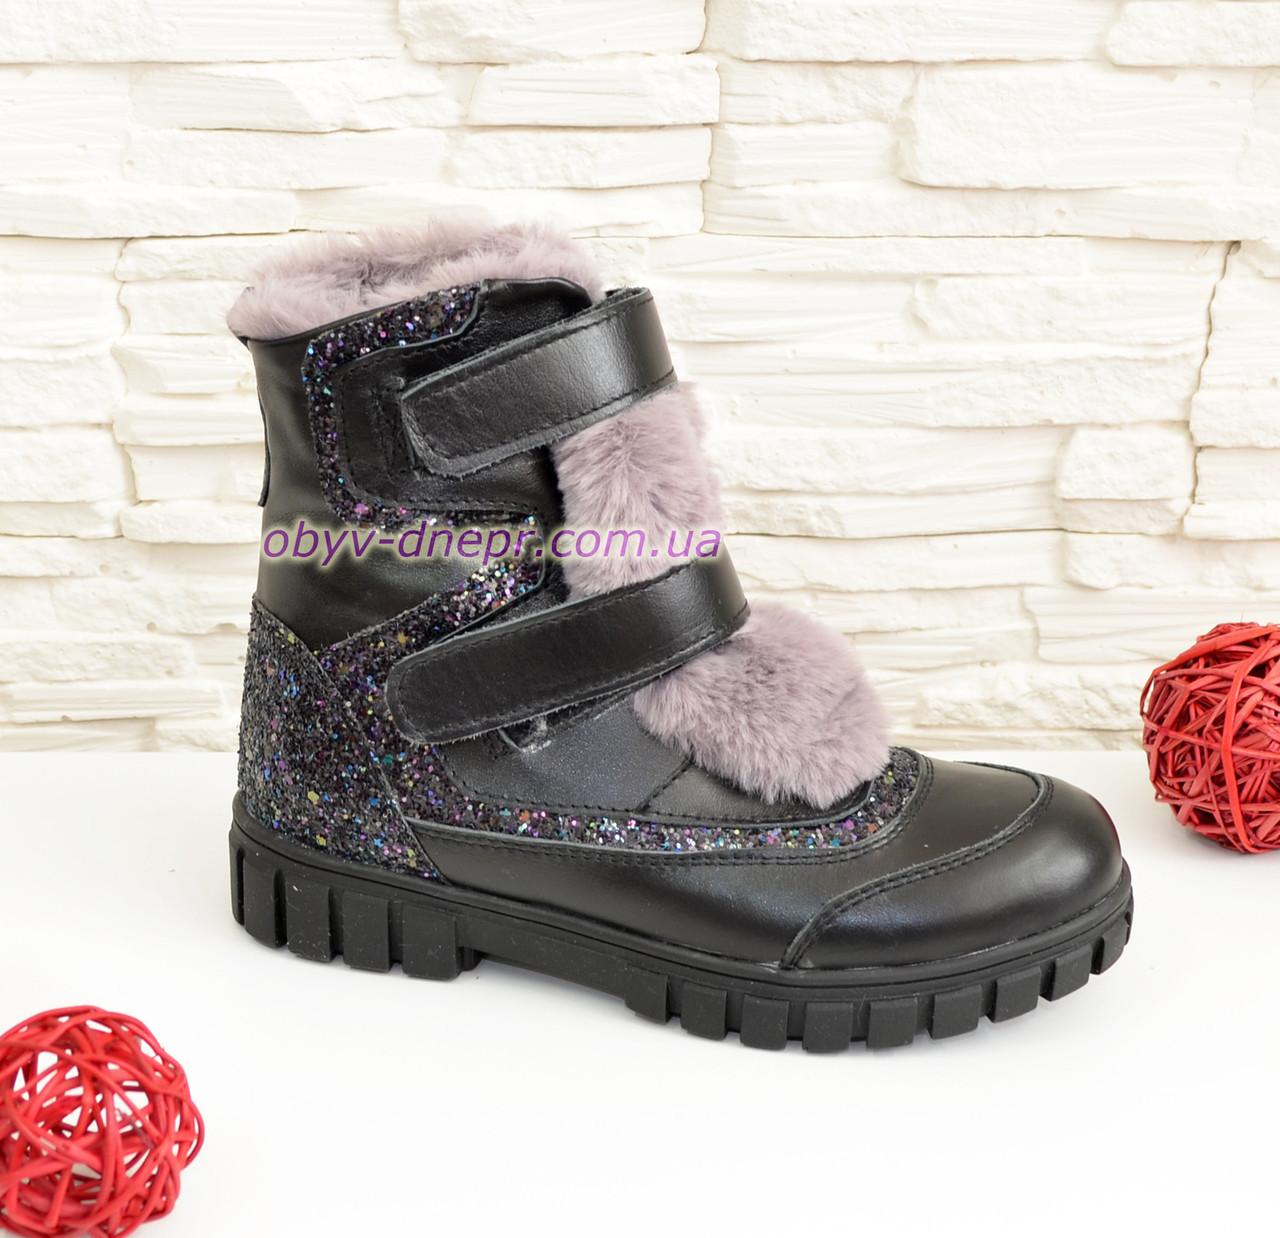 Ботинки кожаные подростковые, для девочек, на липучках.